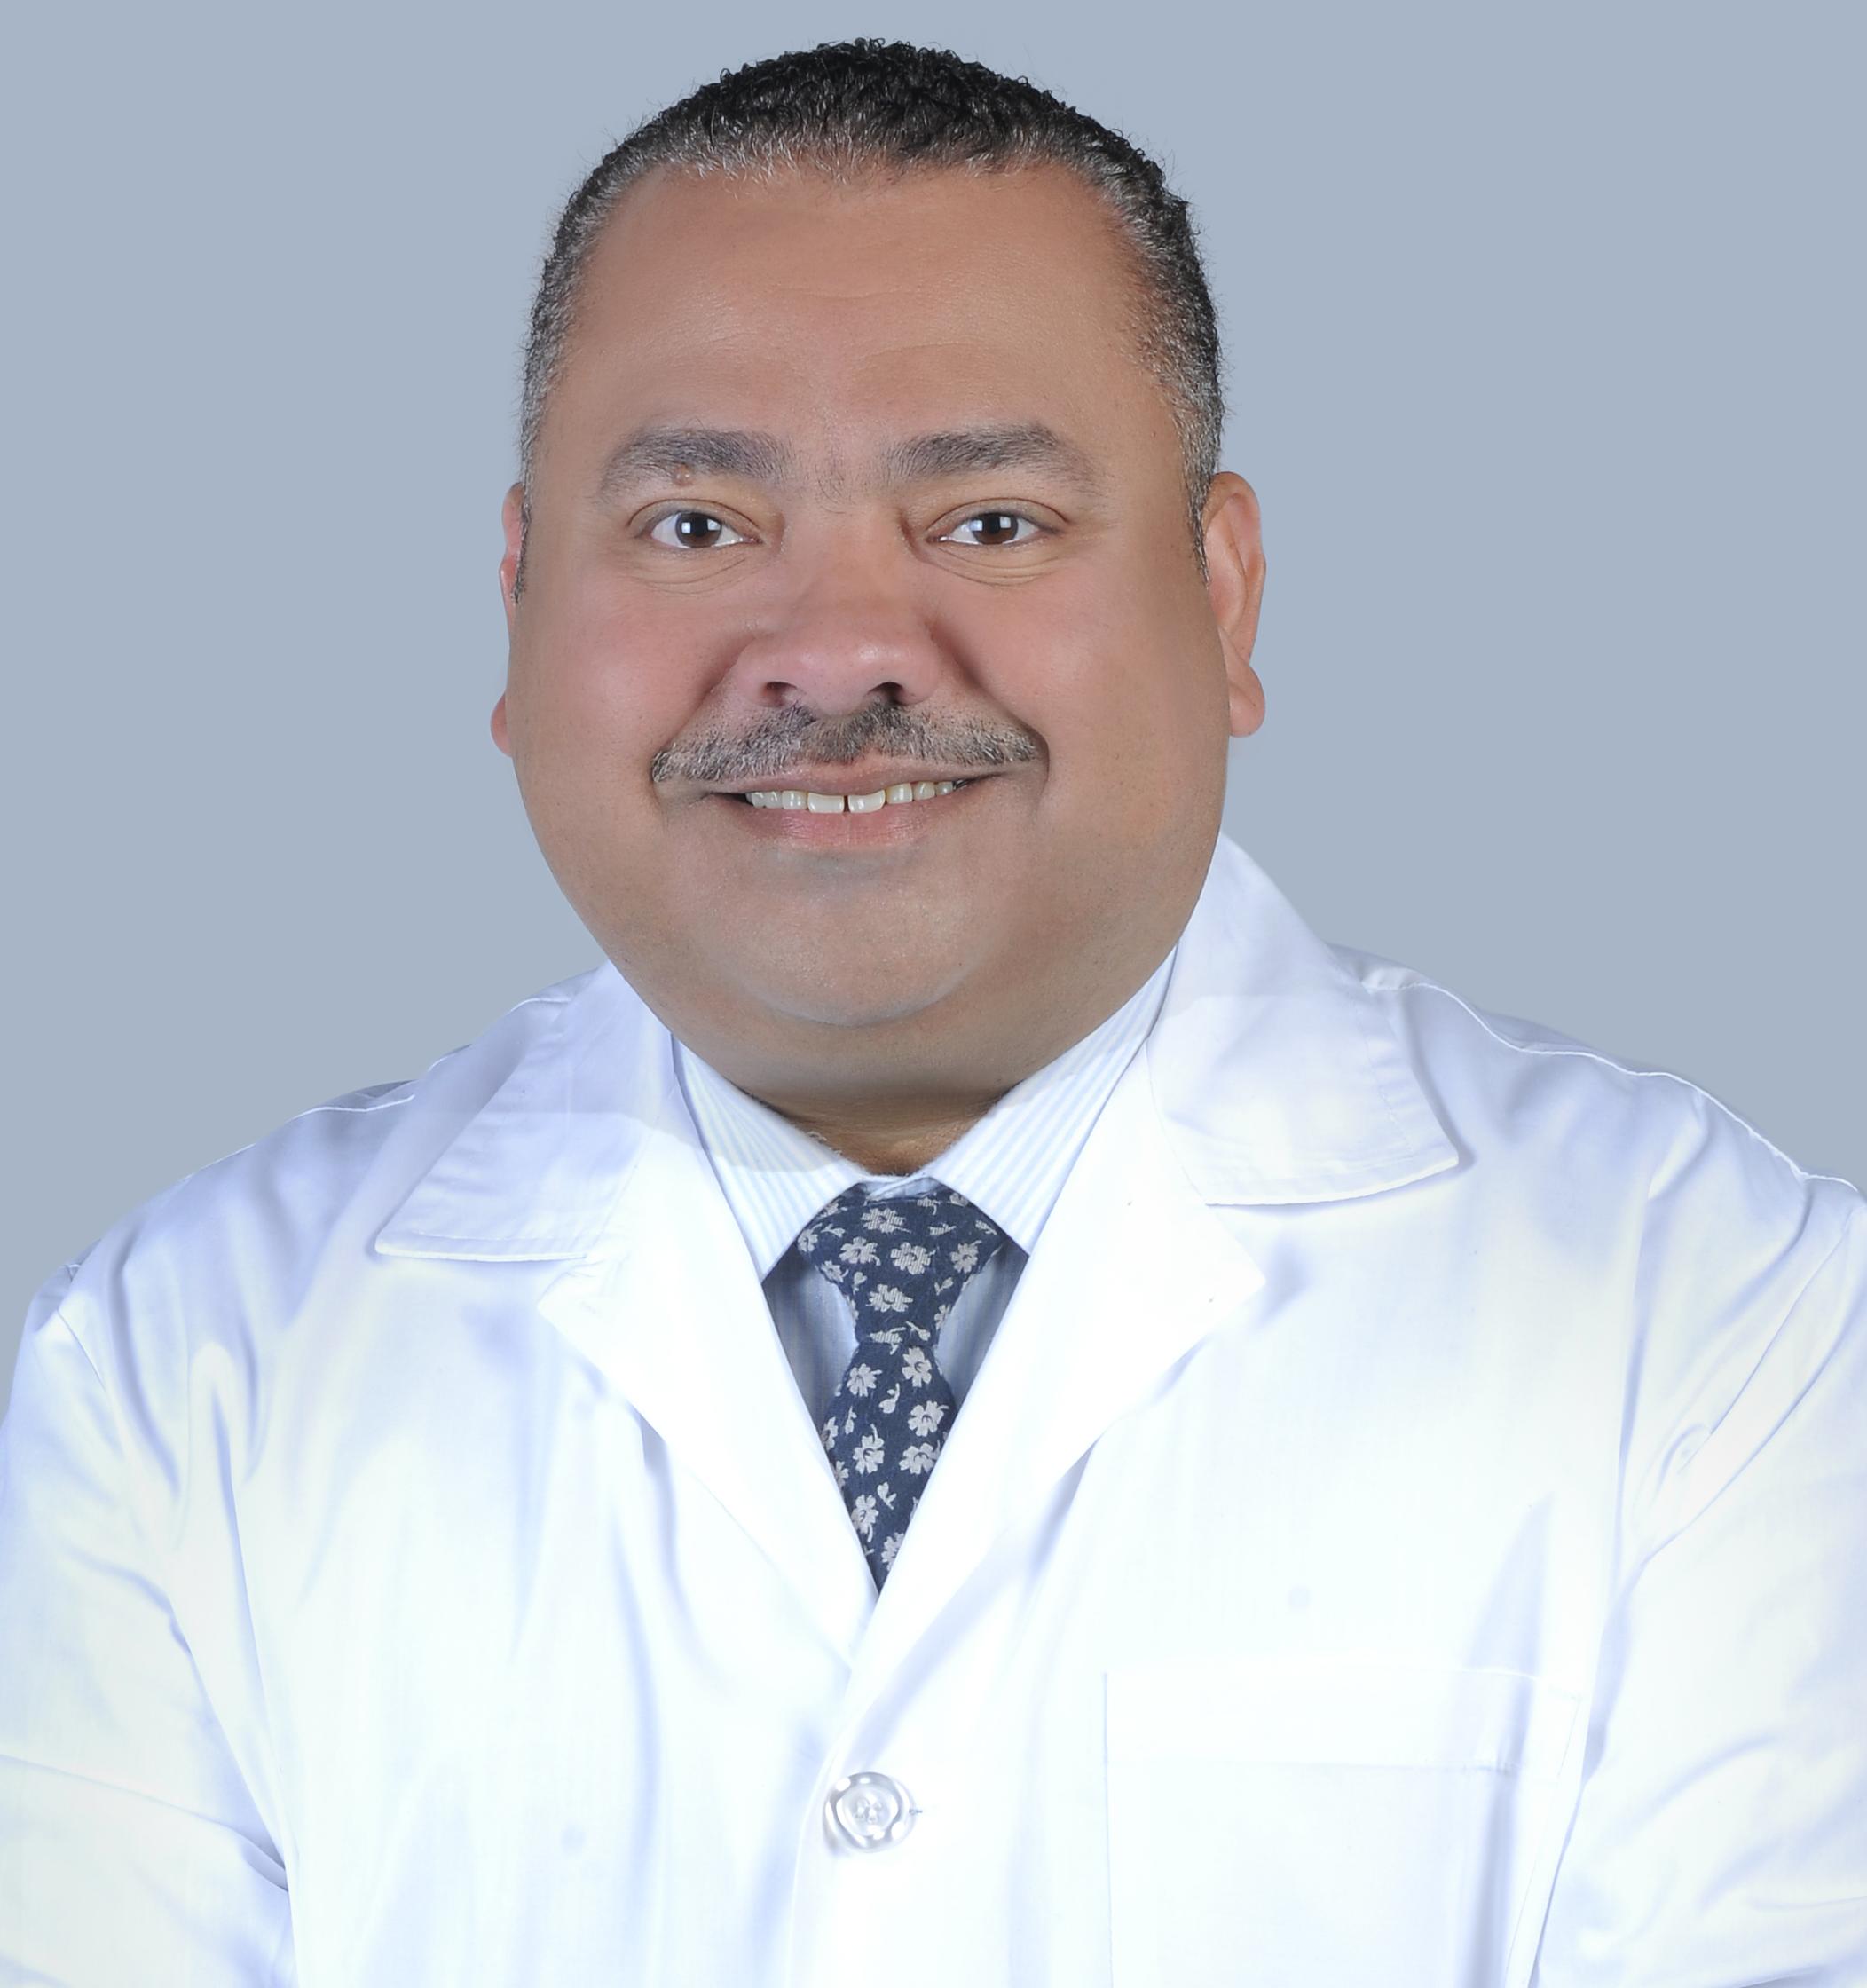 Dr. Amr Ismael M. Hawal